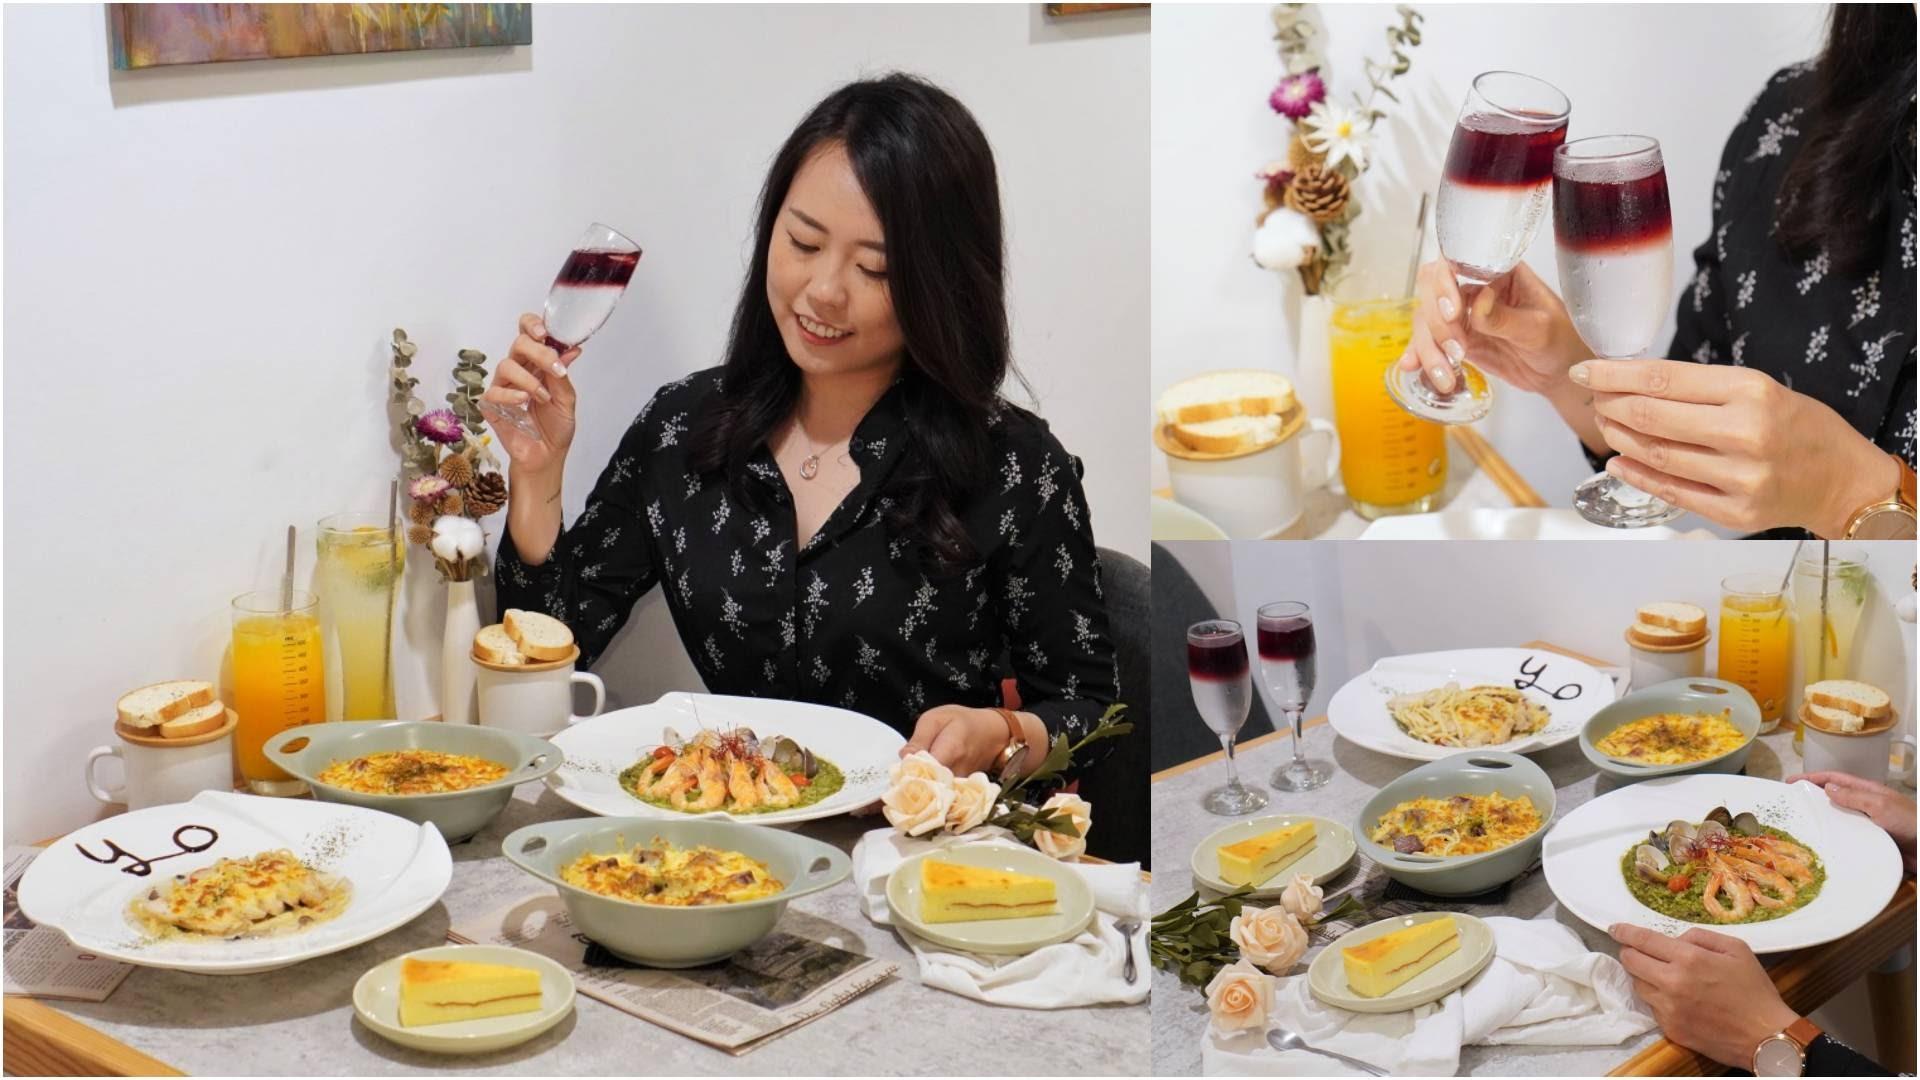 台南北區美食【YO義思】母親節限時活動!帶媽媽來慶祝就送紅酒氣泡飲,壽星慶生還享專屬優惠|台南義式餐廳推薦